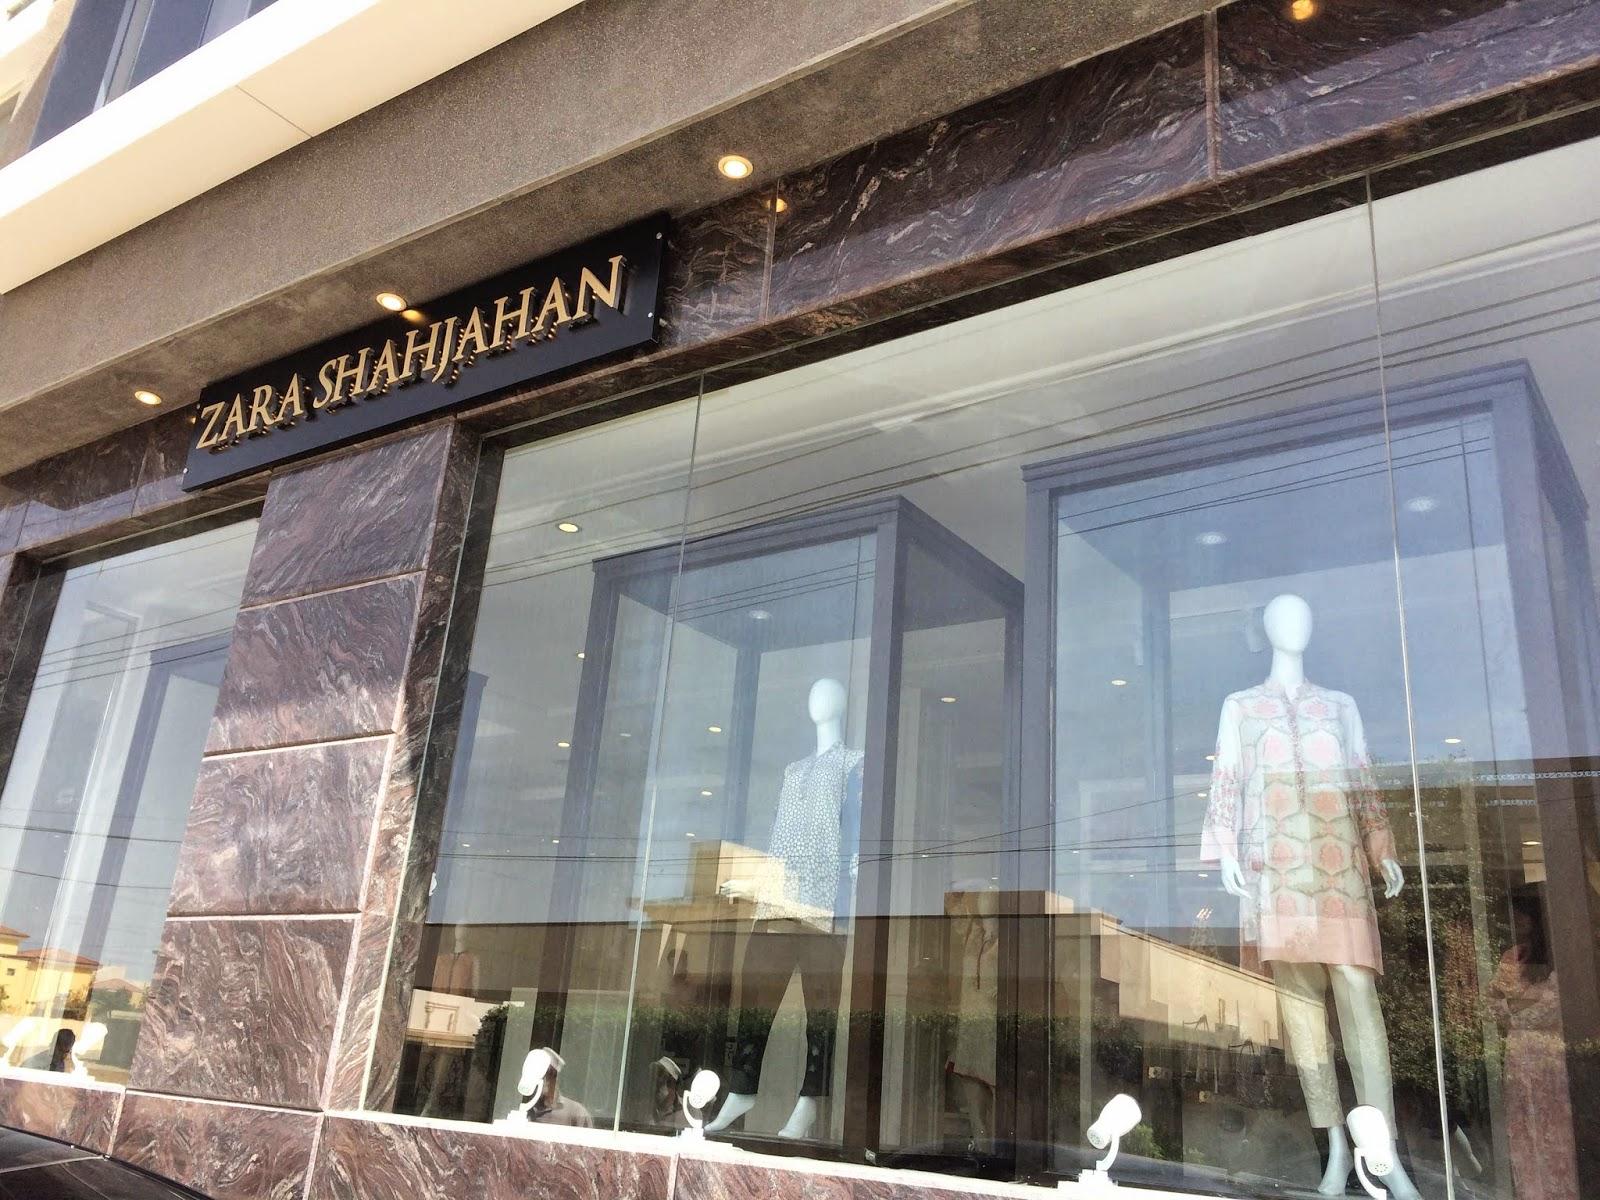 Zara Shahjahan Storefront Karachi